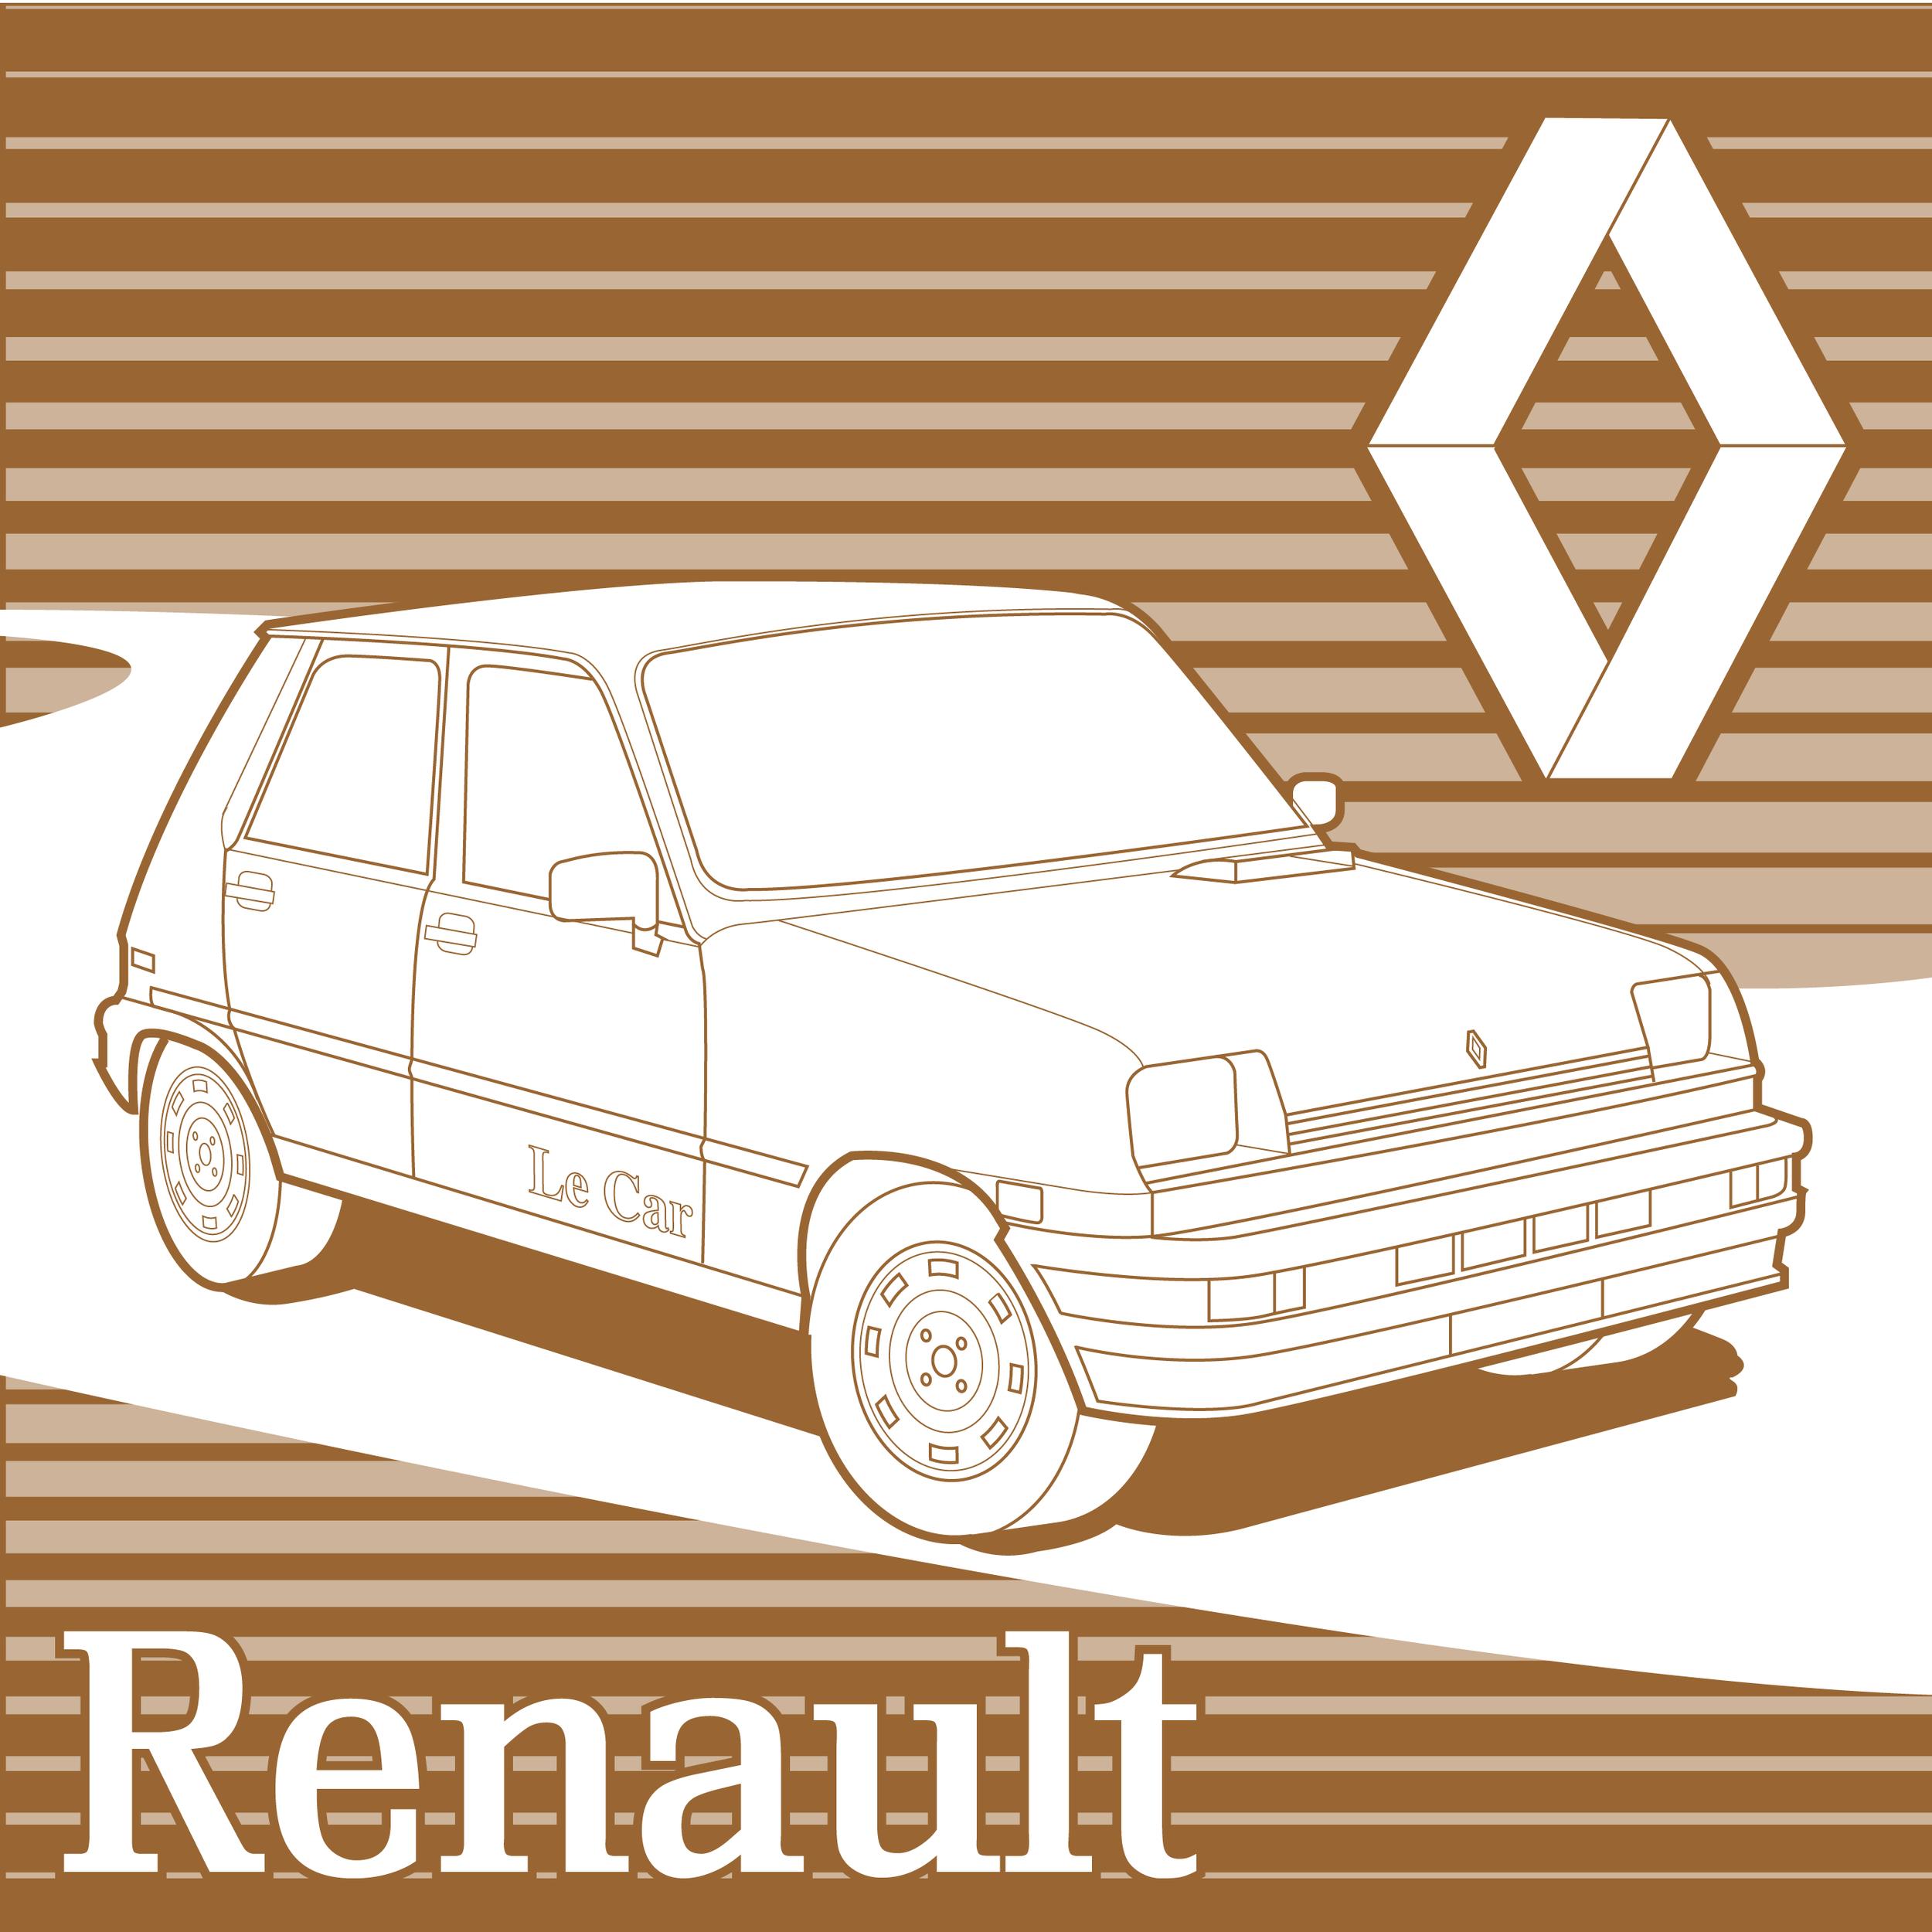 Le Car-01.png